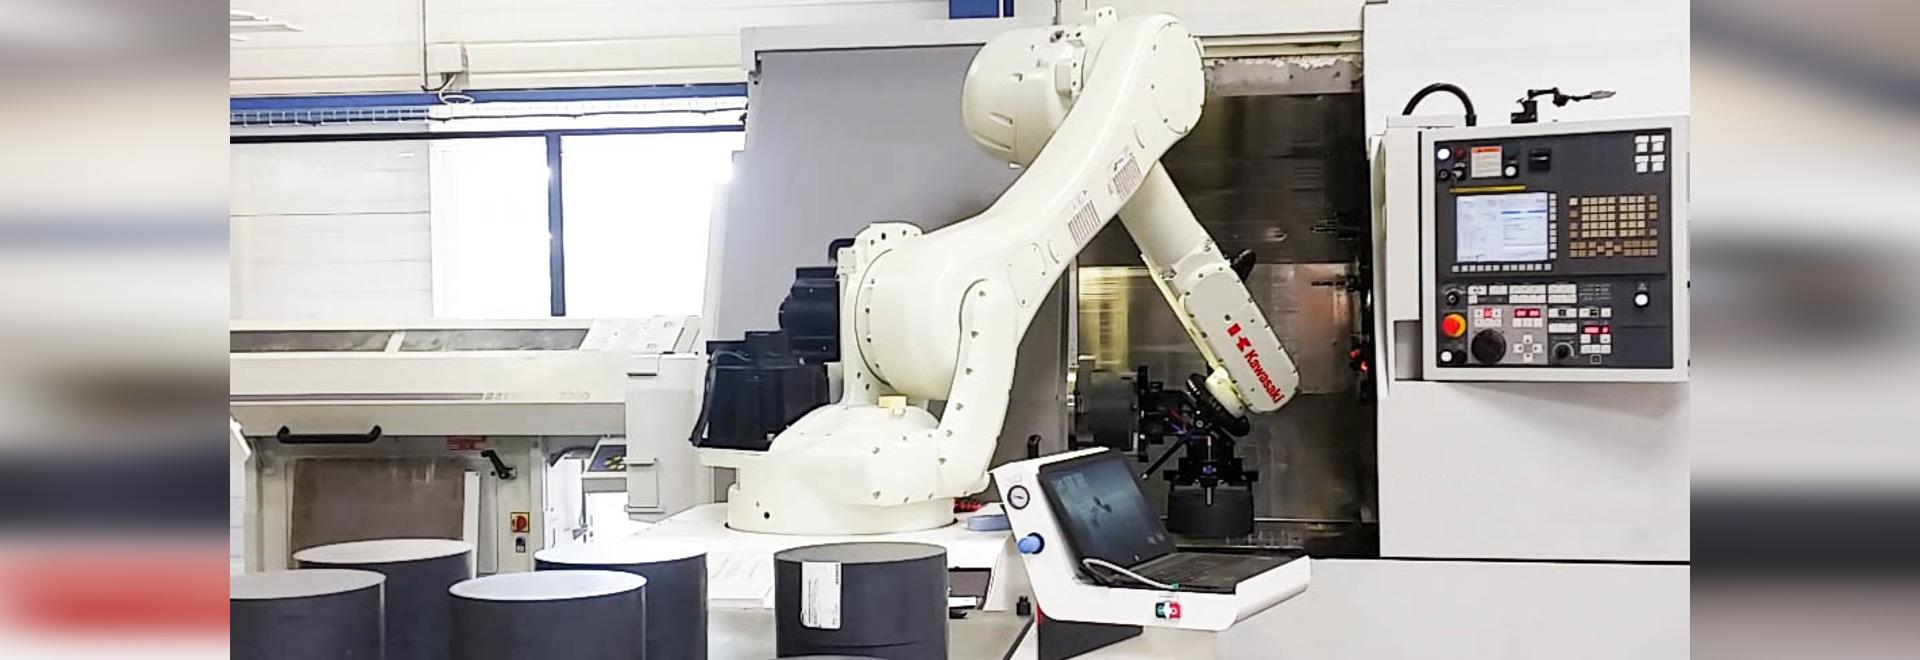 ROBOTFLEX Laden/Roboter für CNC-Maschinen entladend